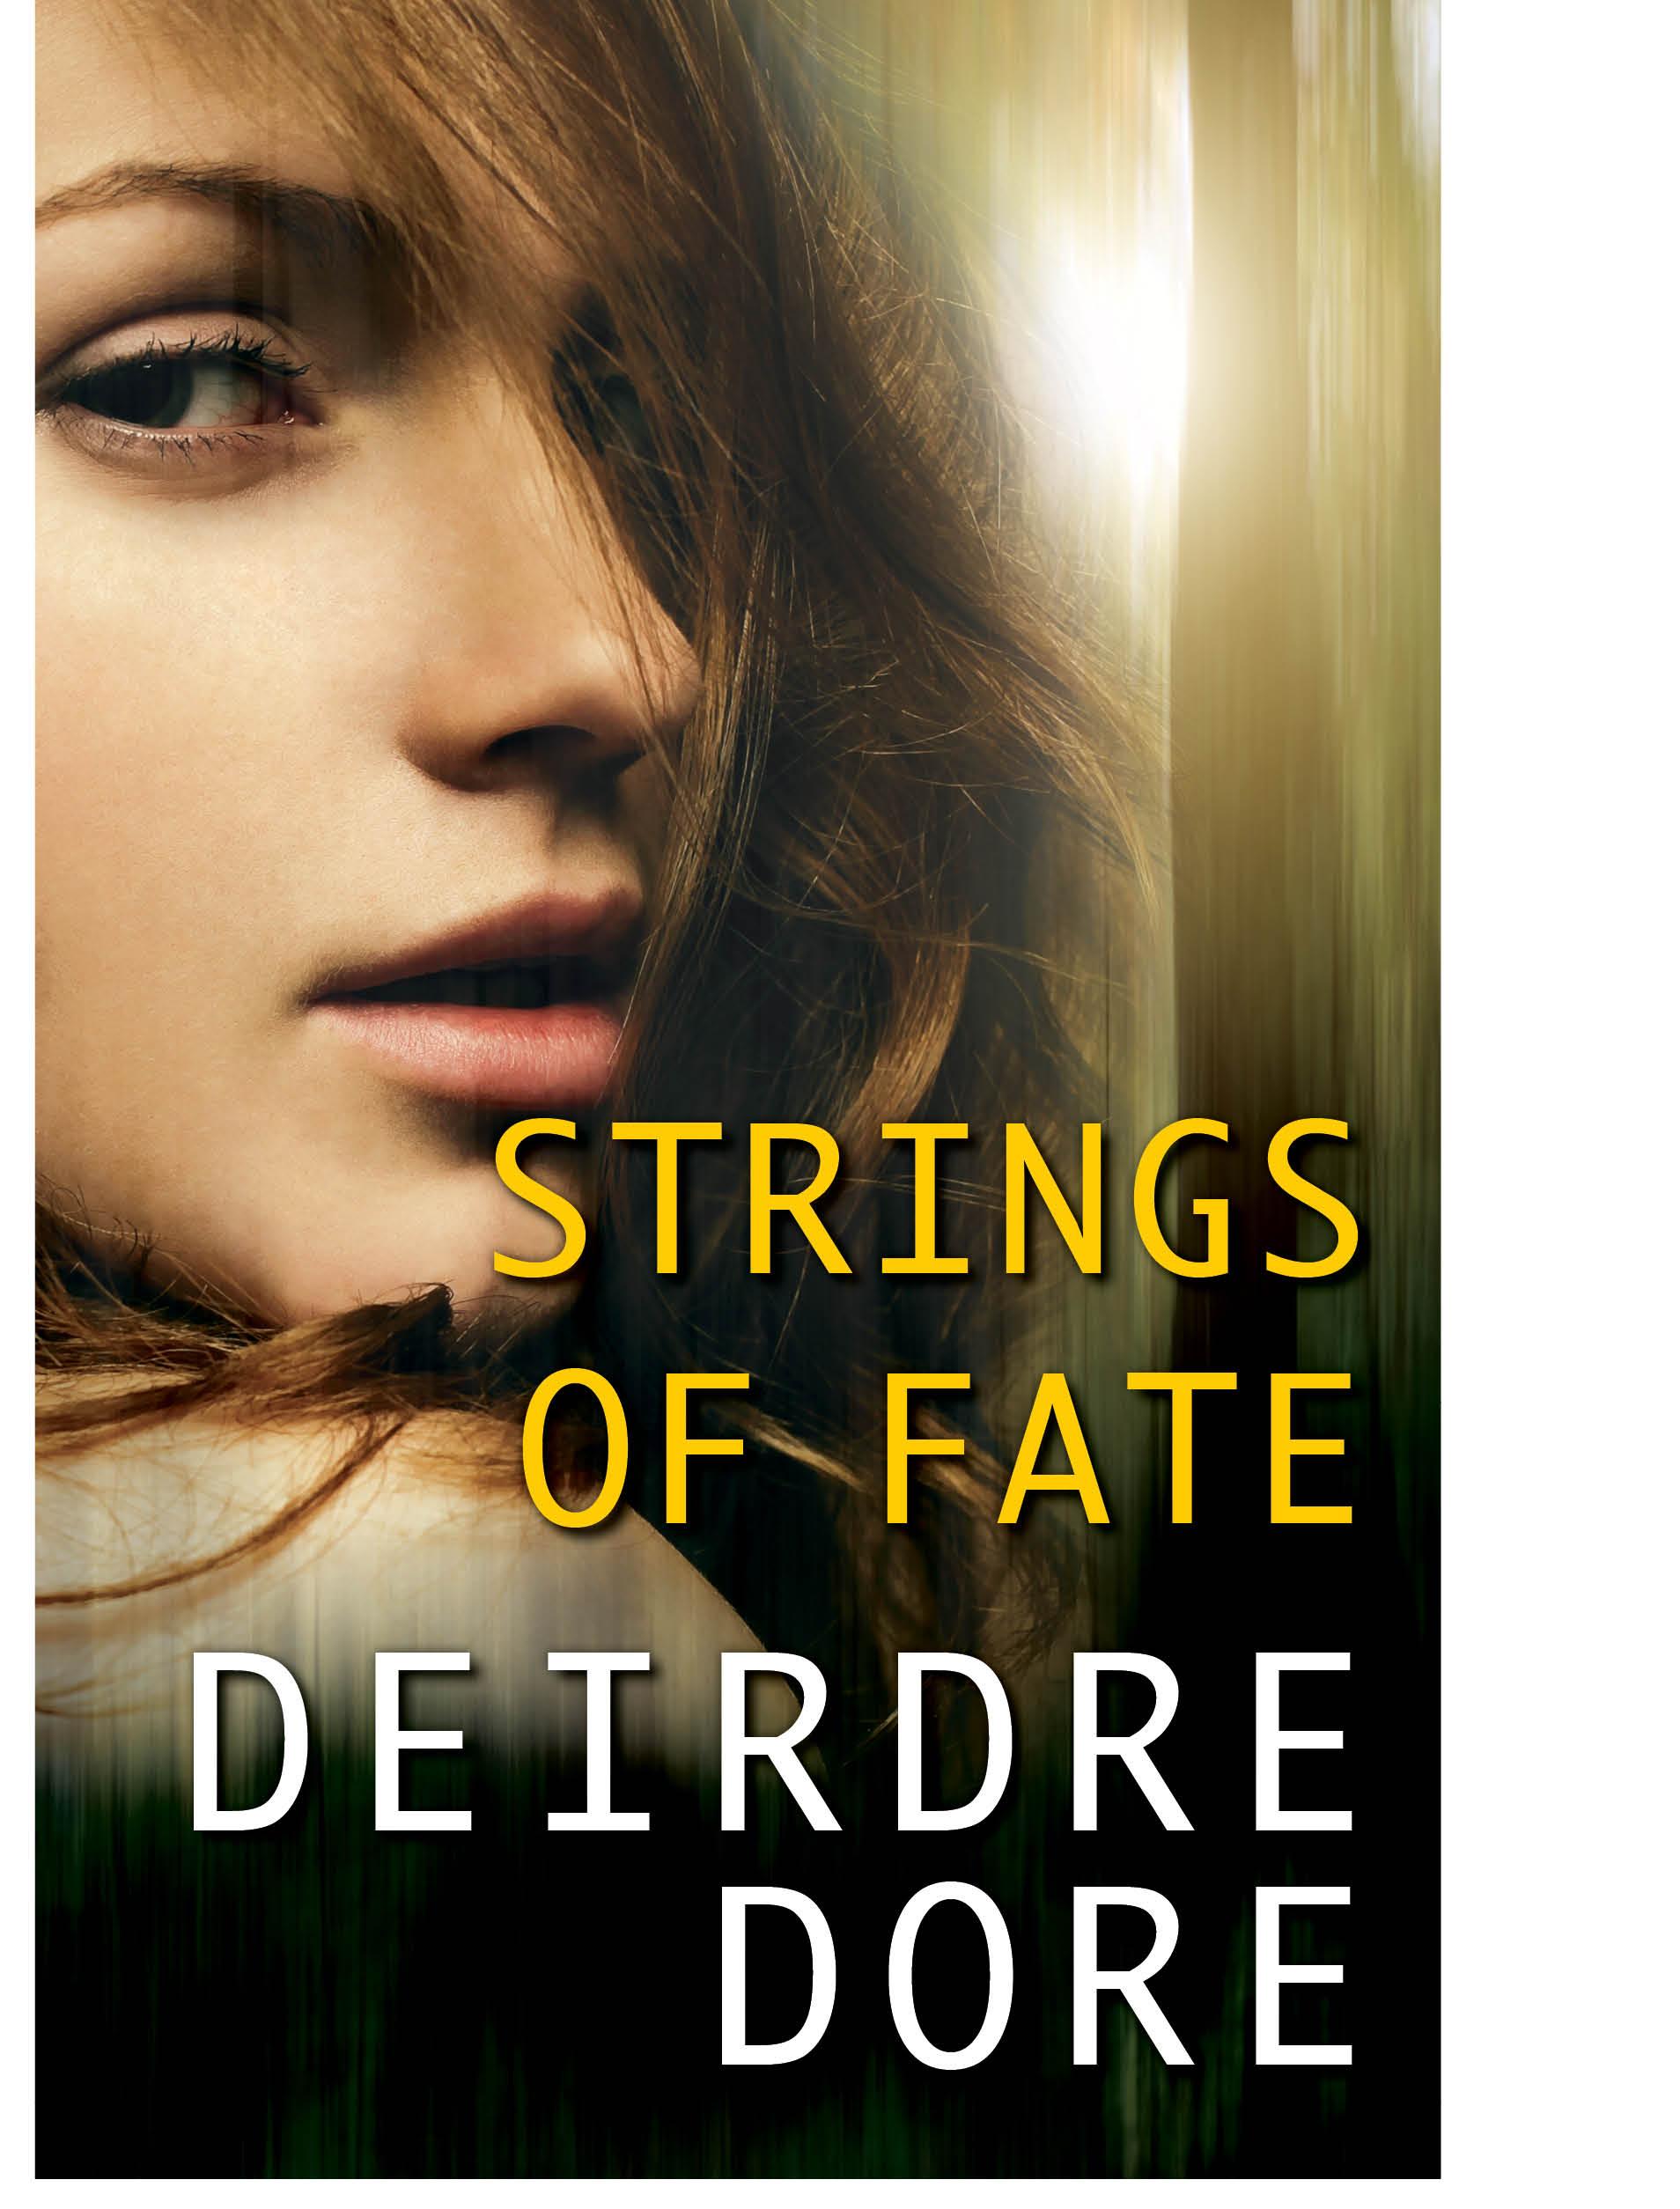 Strings of Fate.jpg